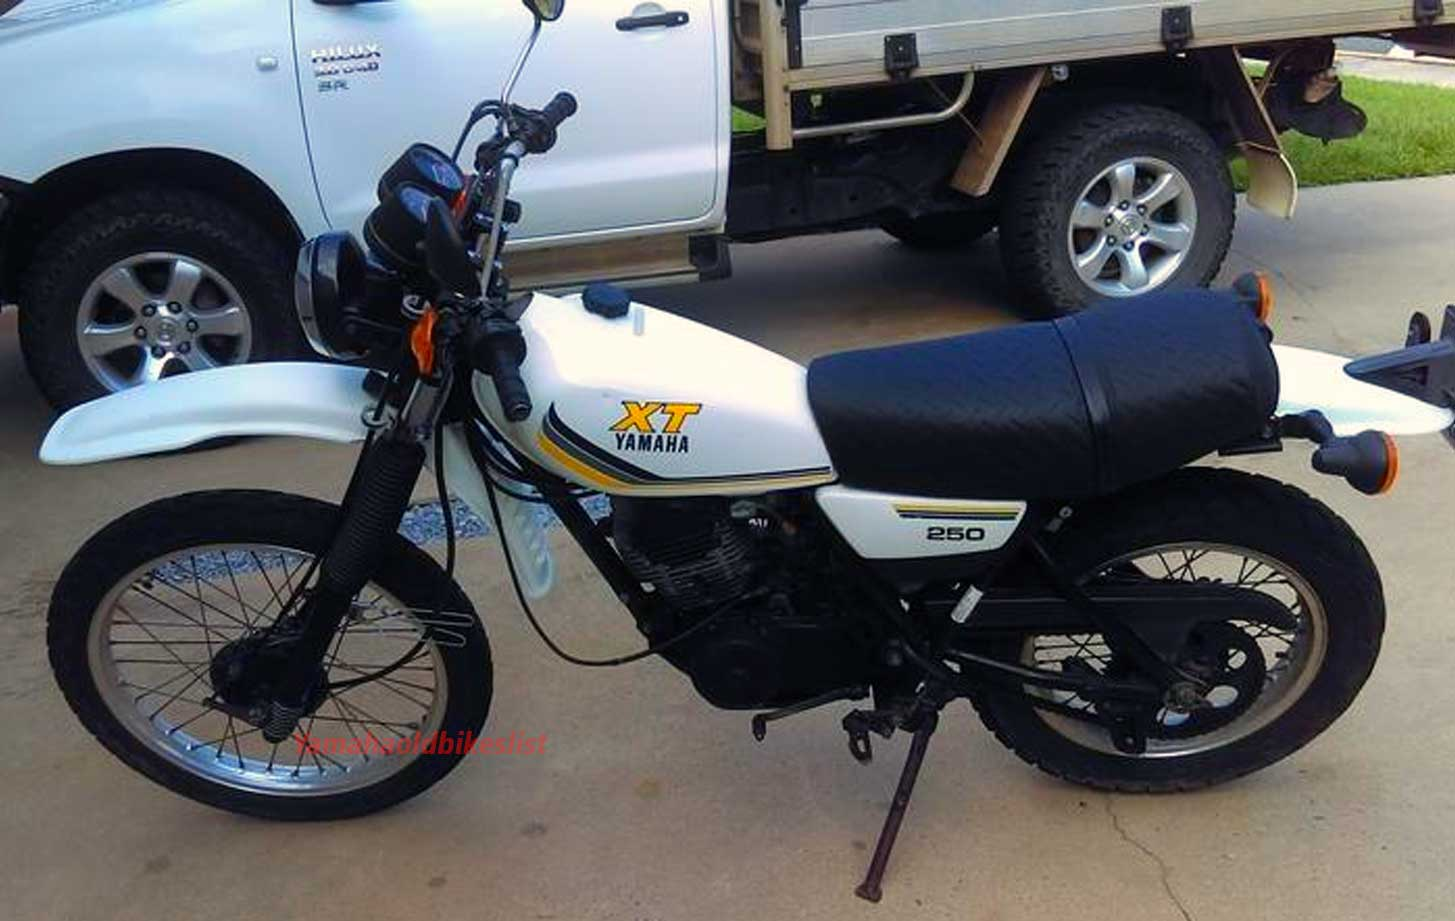 1981 Yamaha Xt250 Specification